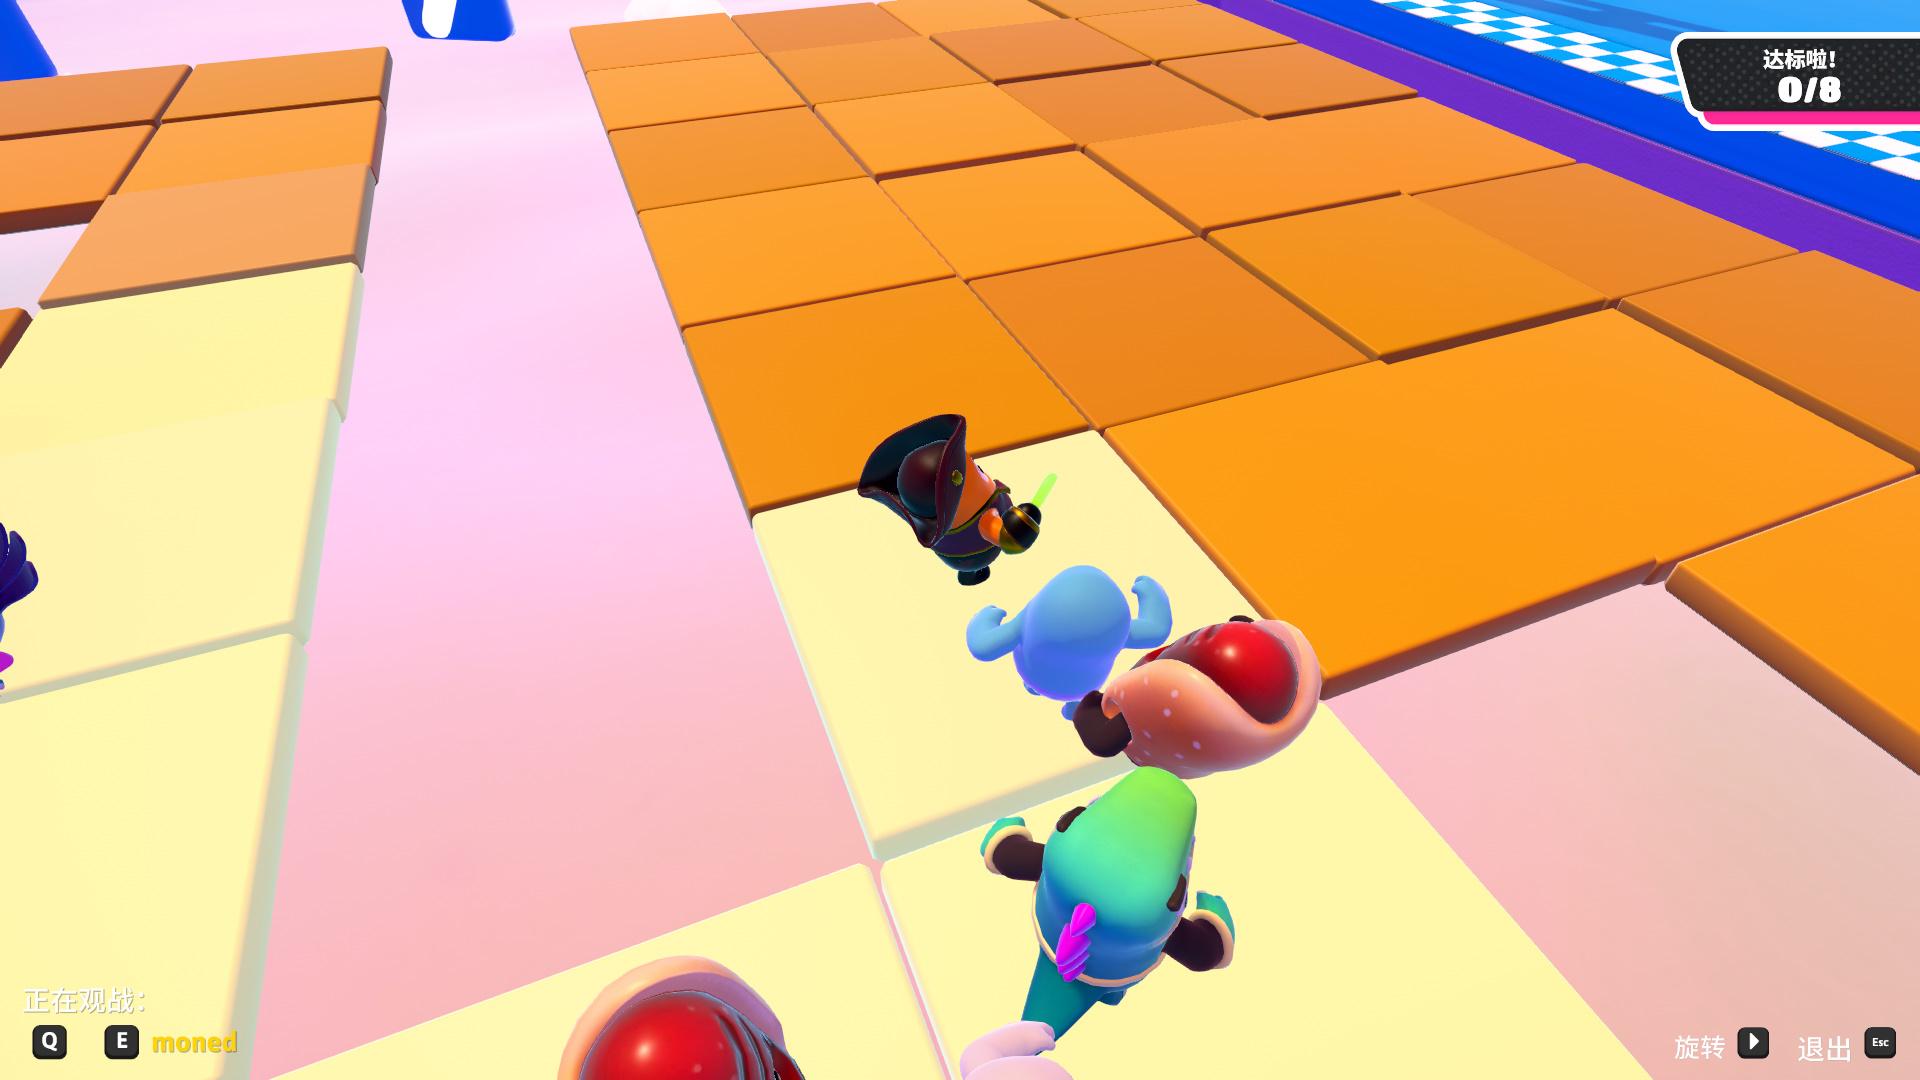 游戏中的博弈论 《糖豆人》为大逃杀展开了一条新思路 (6)